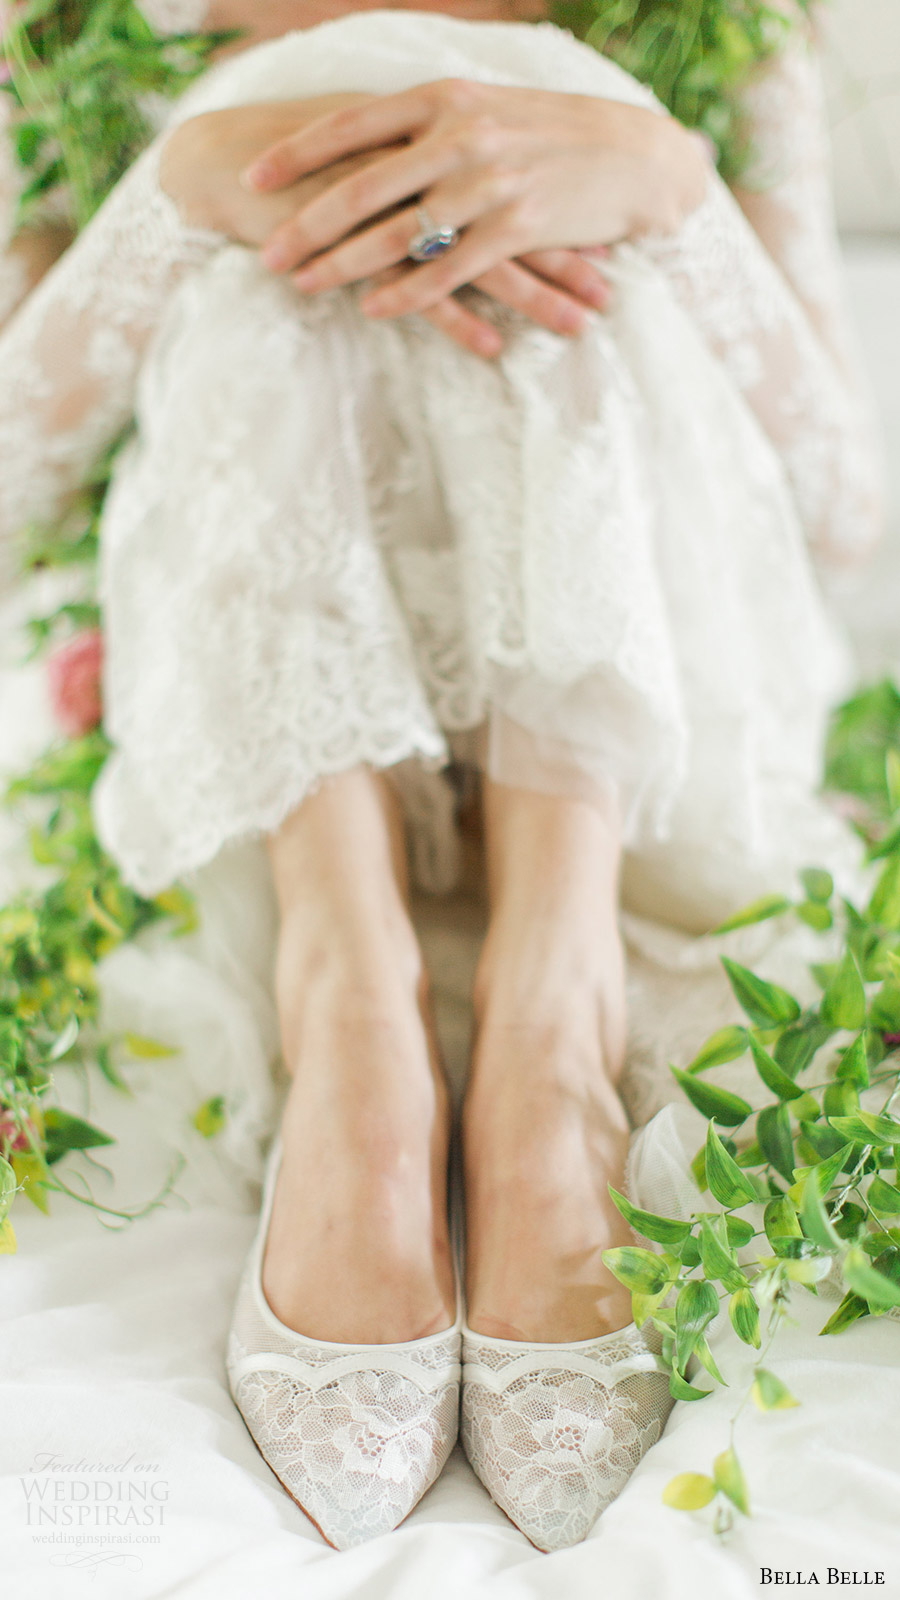 bella belle zapatos de novia 2016 Sophie festoneado zapatos de boda de encaje plana Chantily